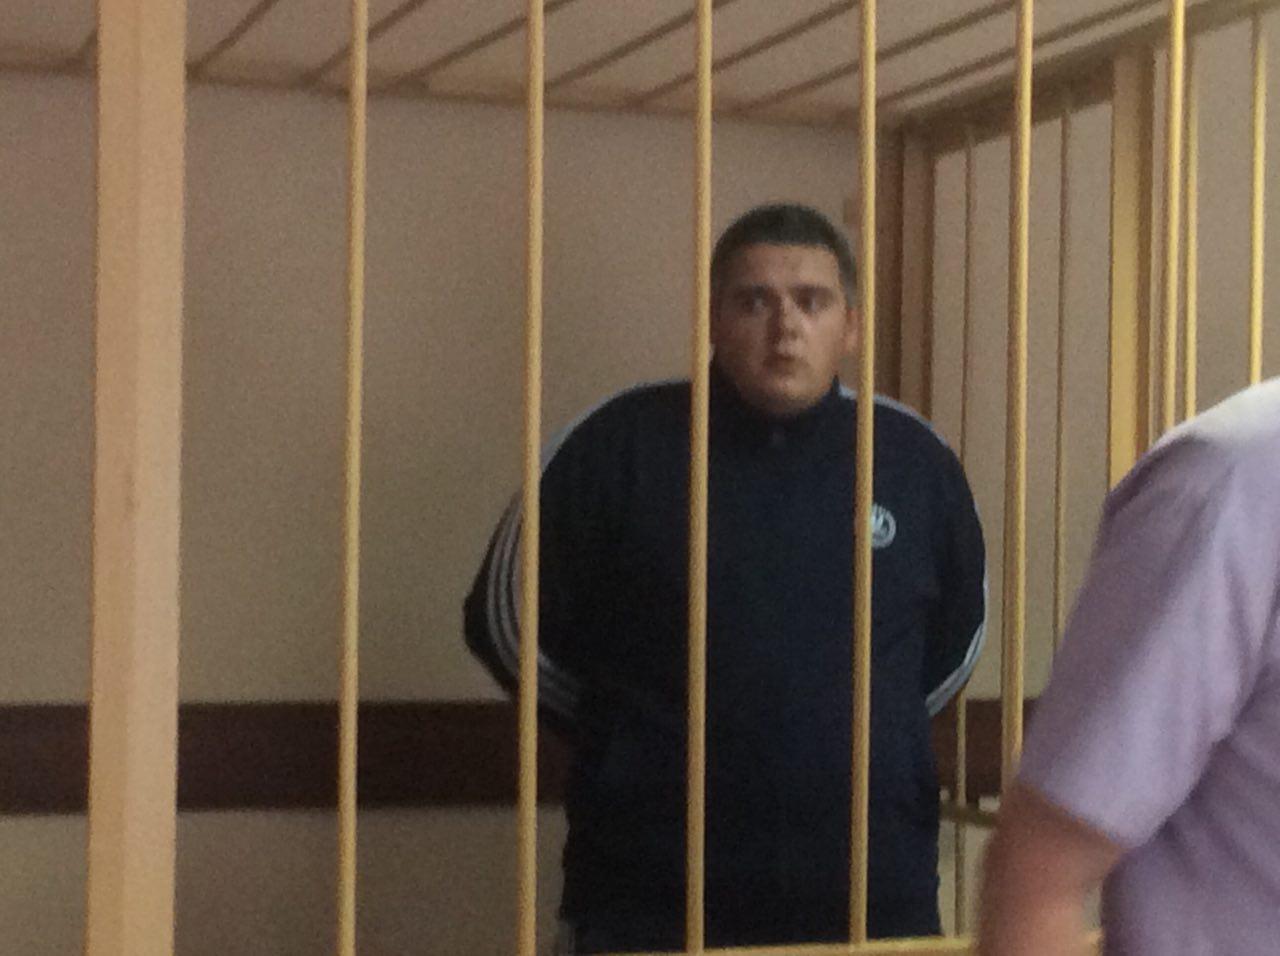 Суд арестовал еще одного фигуранта дела о пытках в ярославской колонии